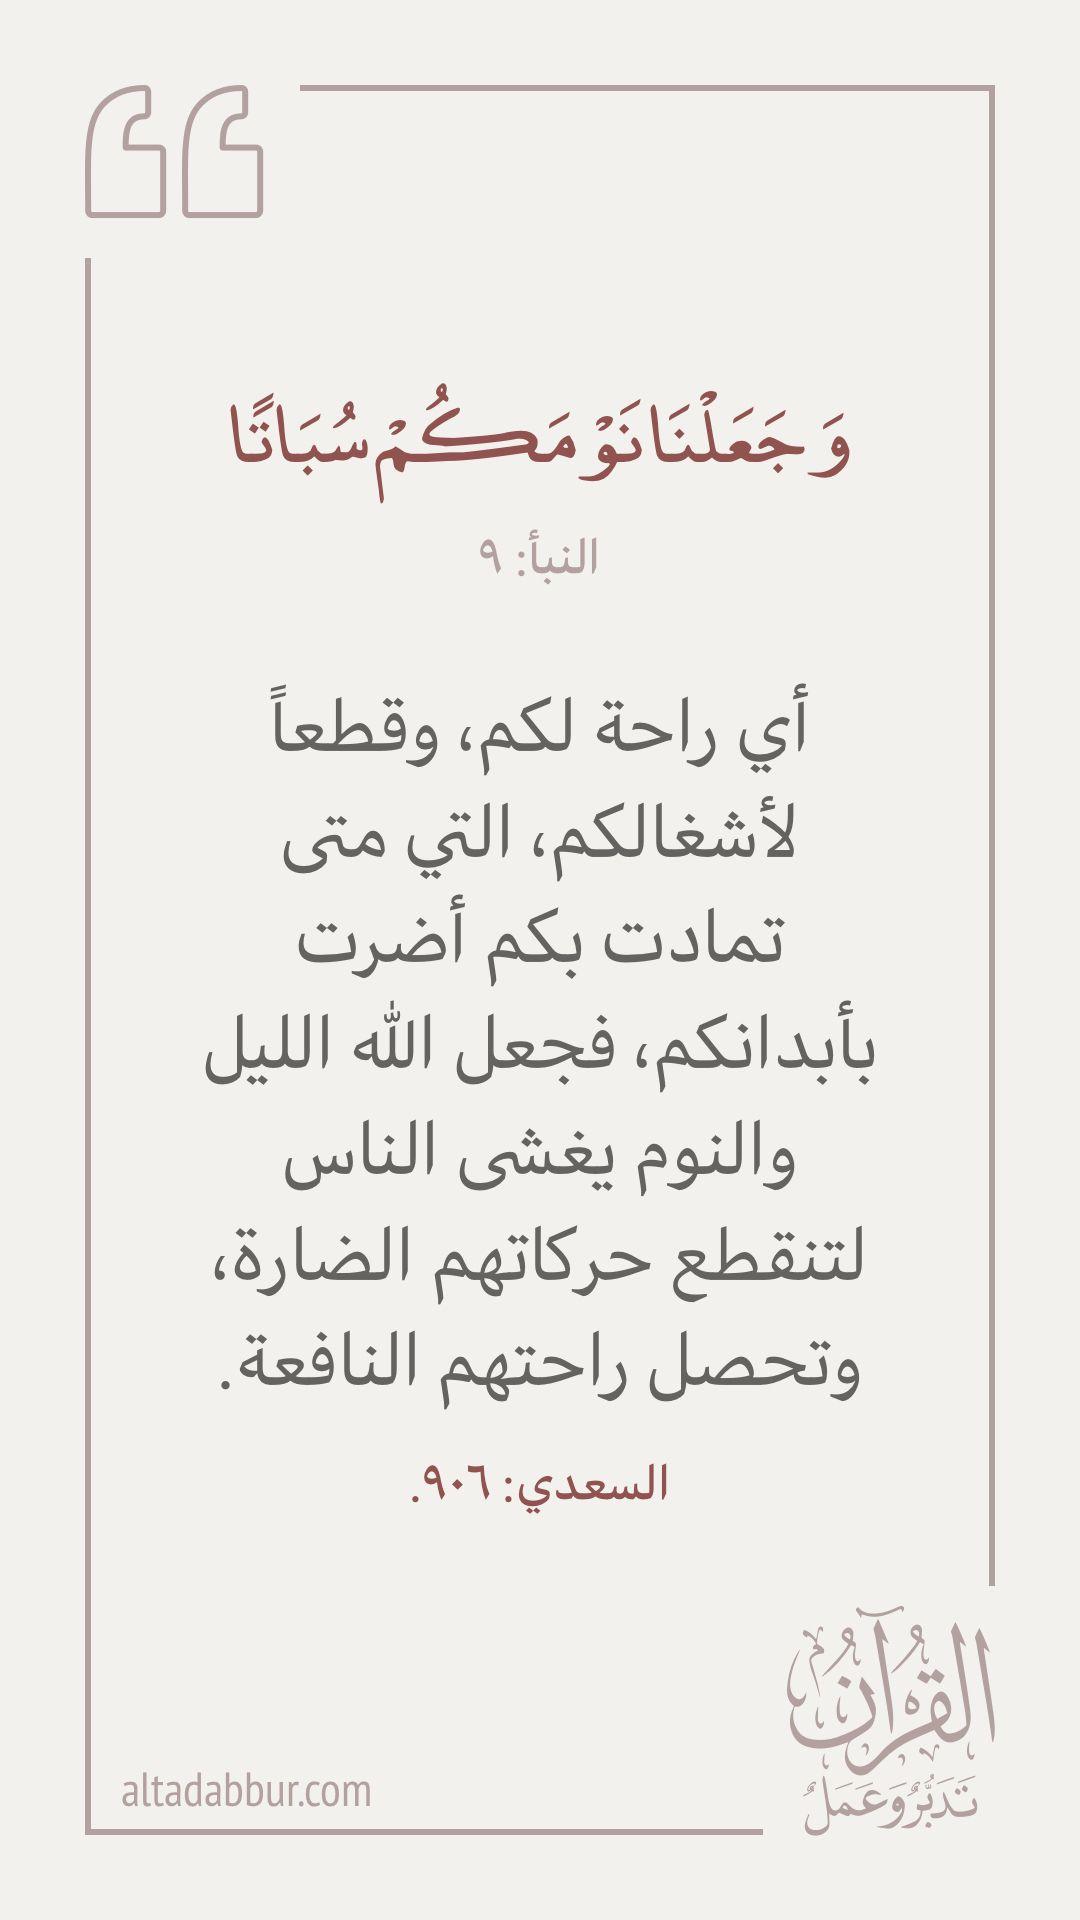 Pin By On قرآن تفسير وتدب ر Quran Verses Beautiful Arabic Words Verses